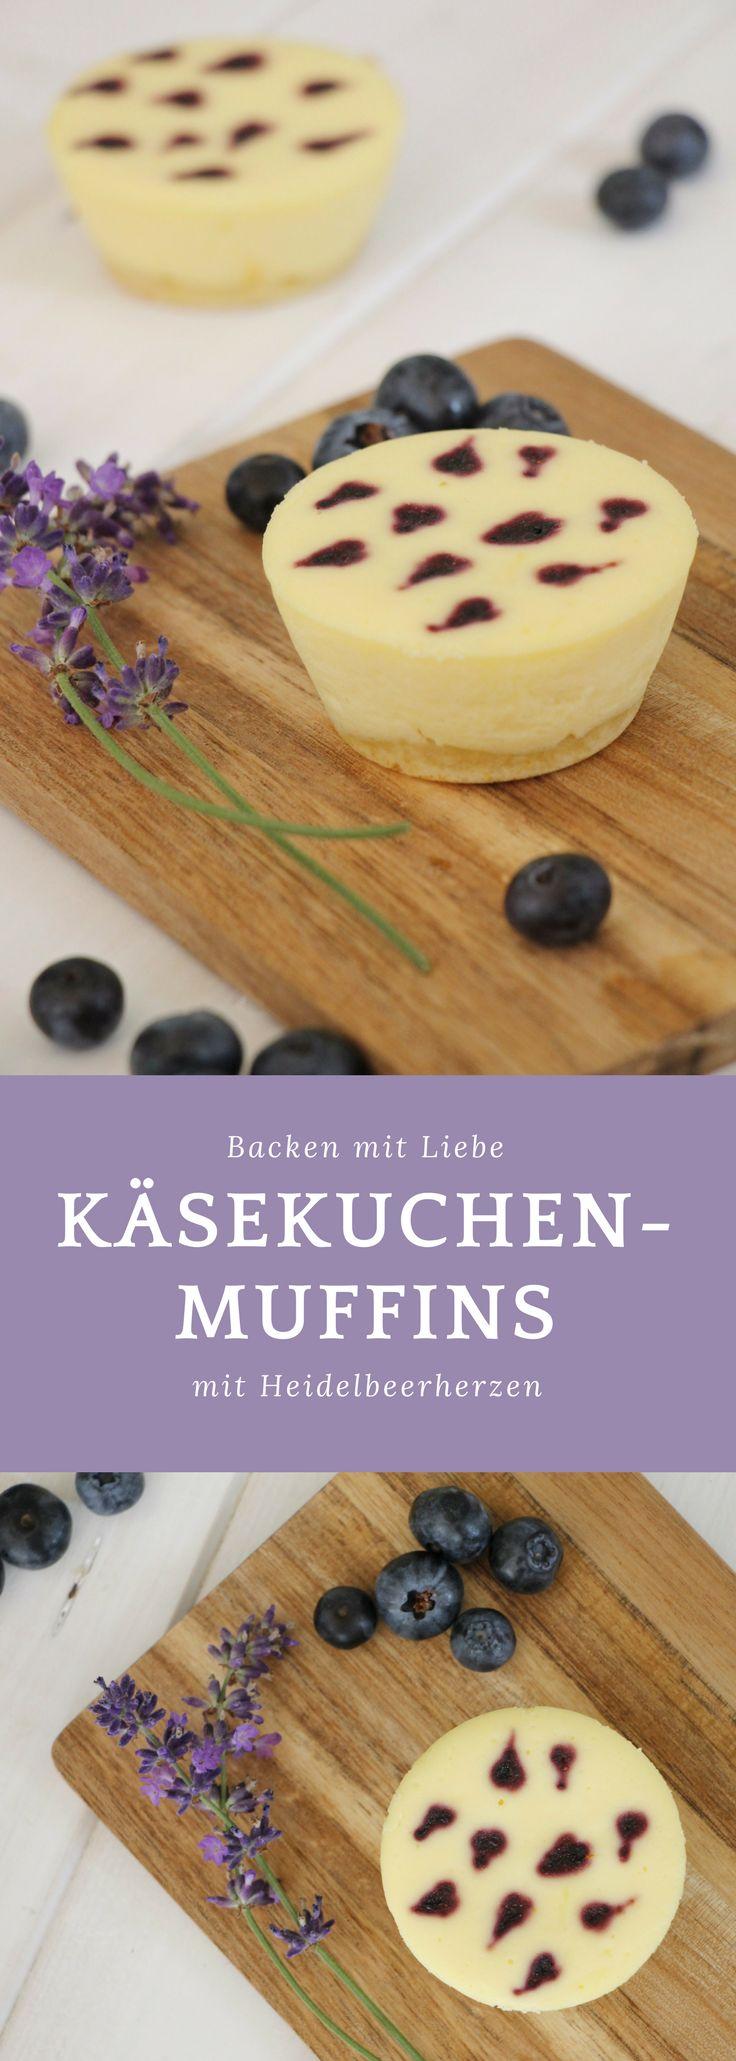 Nicht nur als Valentinstag Backidee, sondern auch als Geburtstag Törtchen oder einfach nur so sind die Käsekuchenmuffins ein tolles Rezept. Das Käsekuchen Rezept kann auch gut am Vortag zubereitet werden. Durch die Heidelbeeren Herzen sind die Muffins fruchtig.